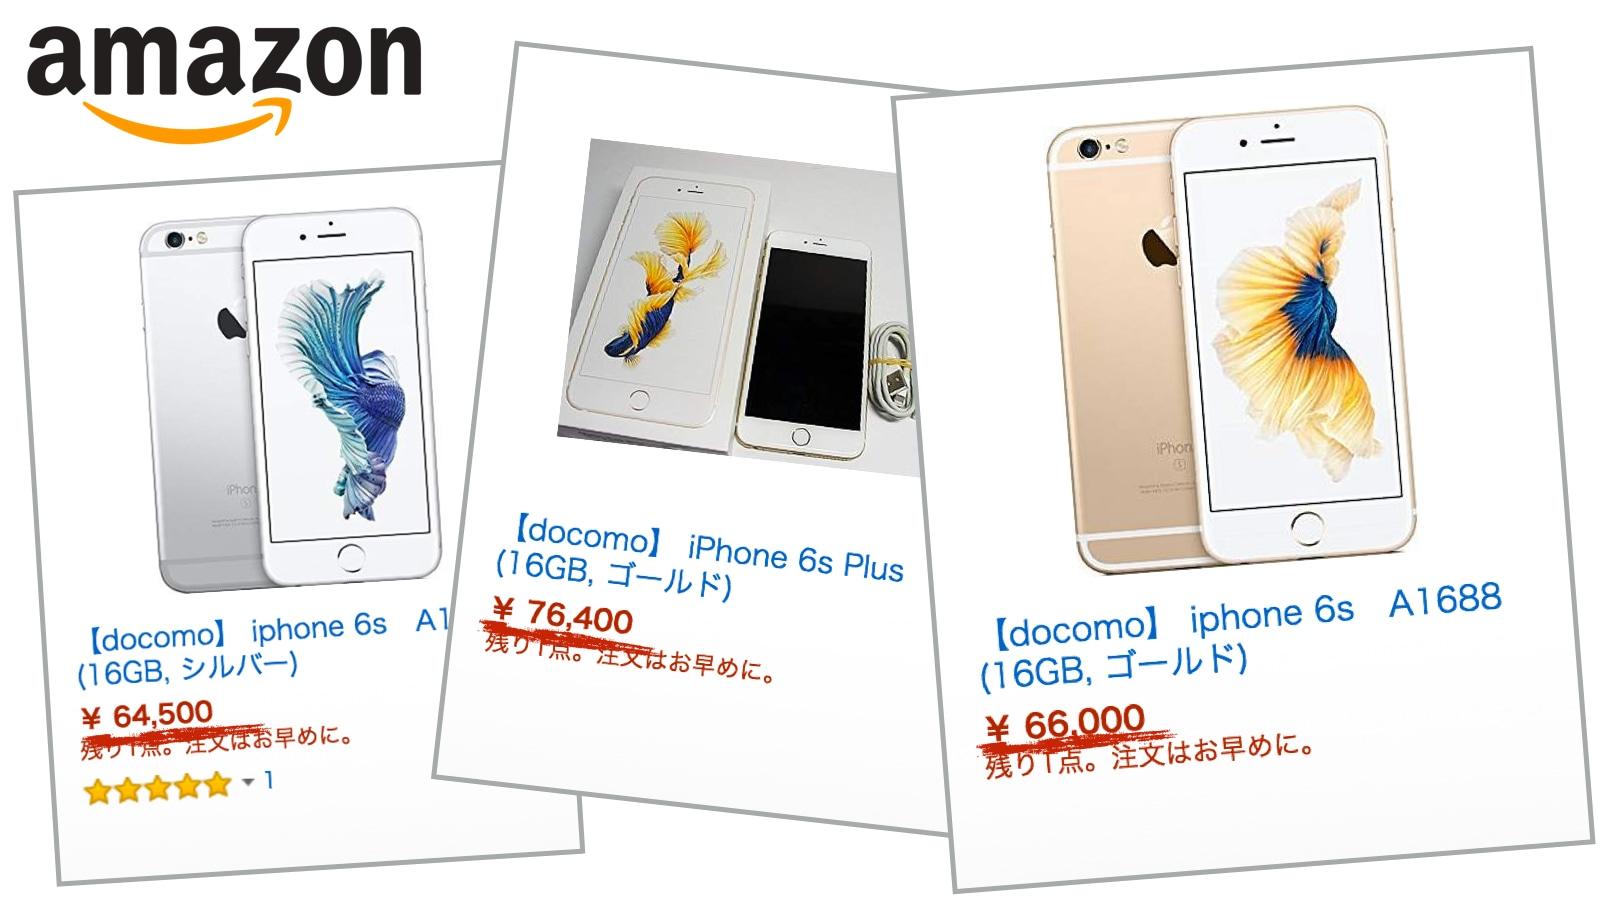 mvno-iphone5c-6s-amazon-price